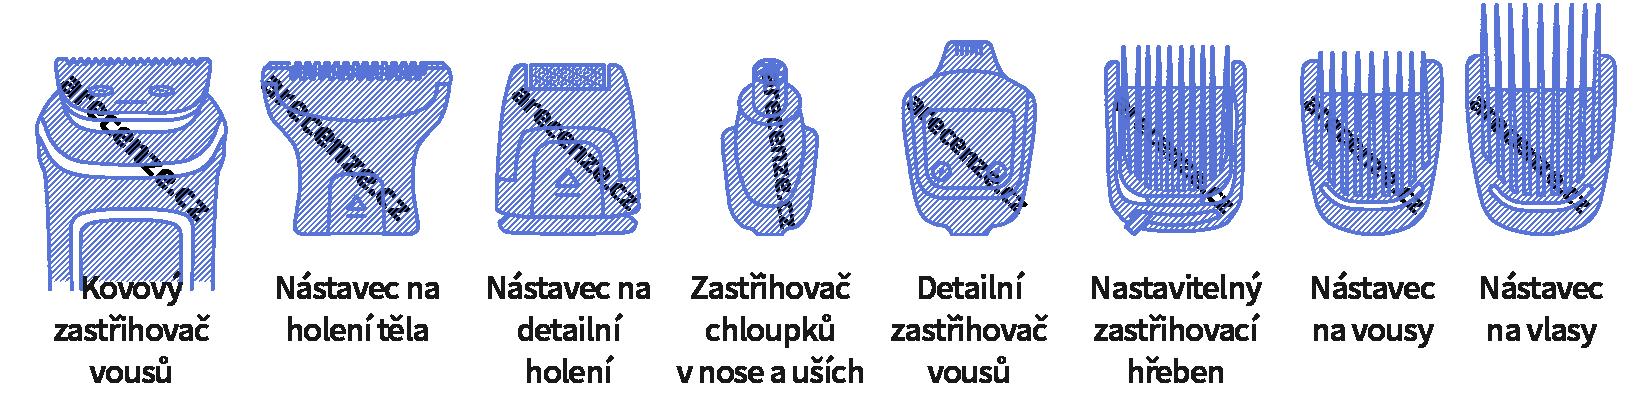 Ukázka různých typů nástavců na strojek na vlasy